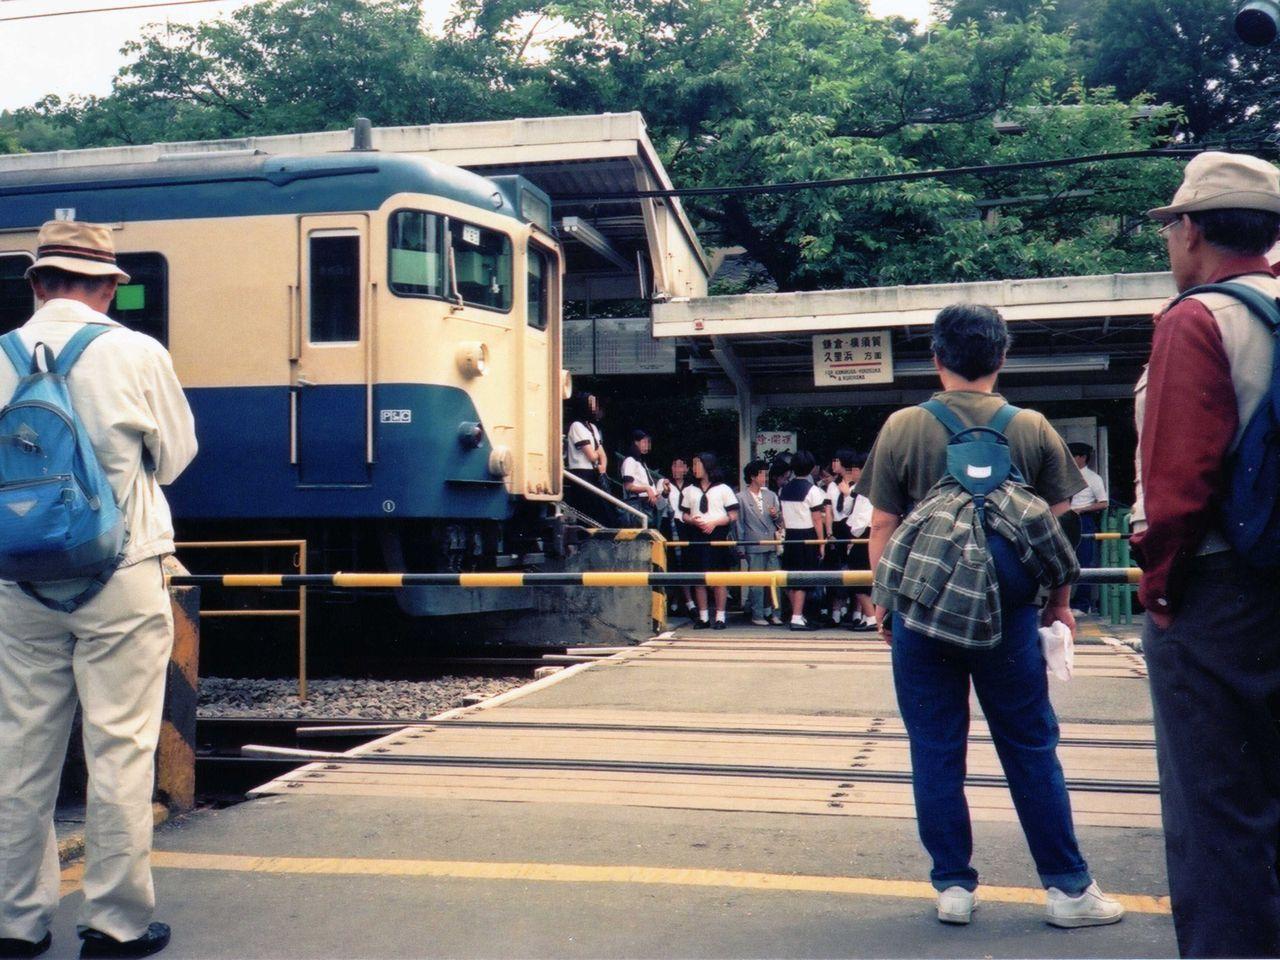 https://upload.wikimedia.org/wikipedia/commons/c/cf/Kitakamakura-Sta-inside-cross.jpg